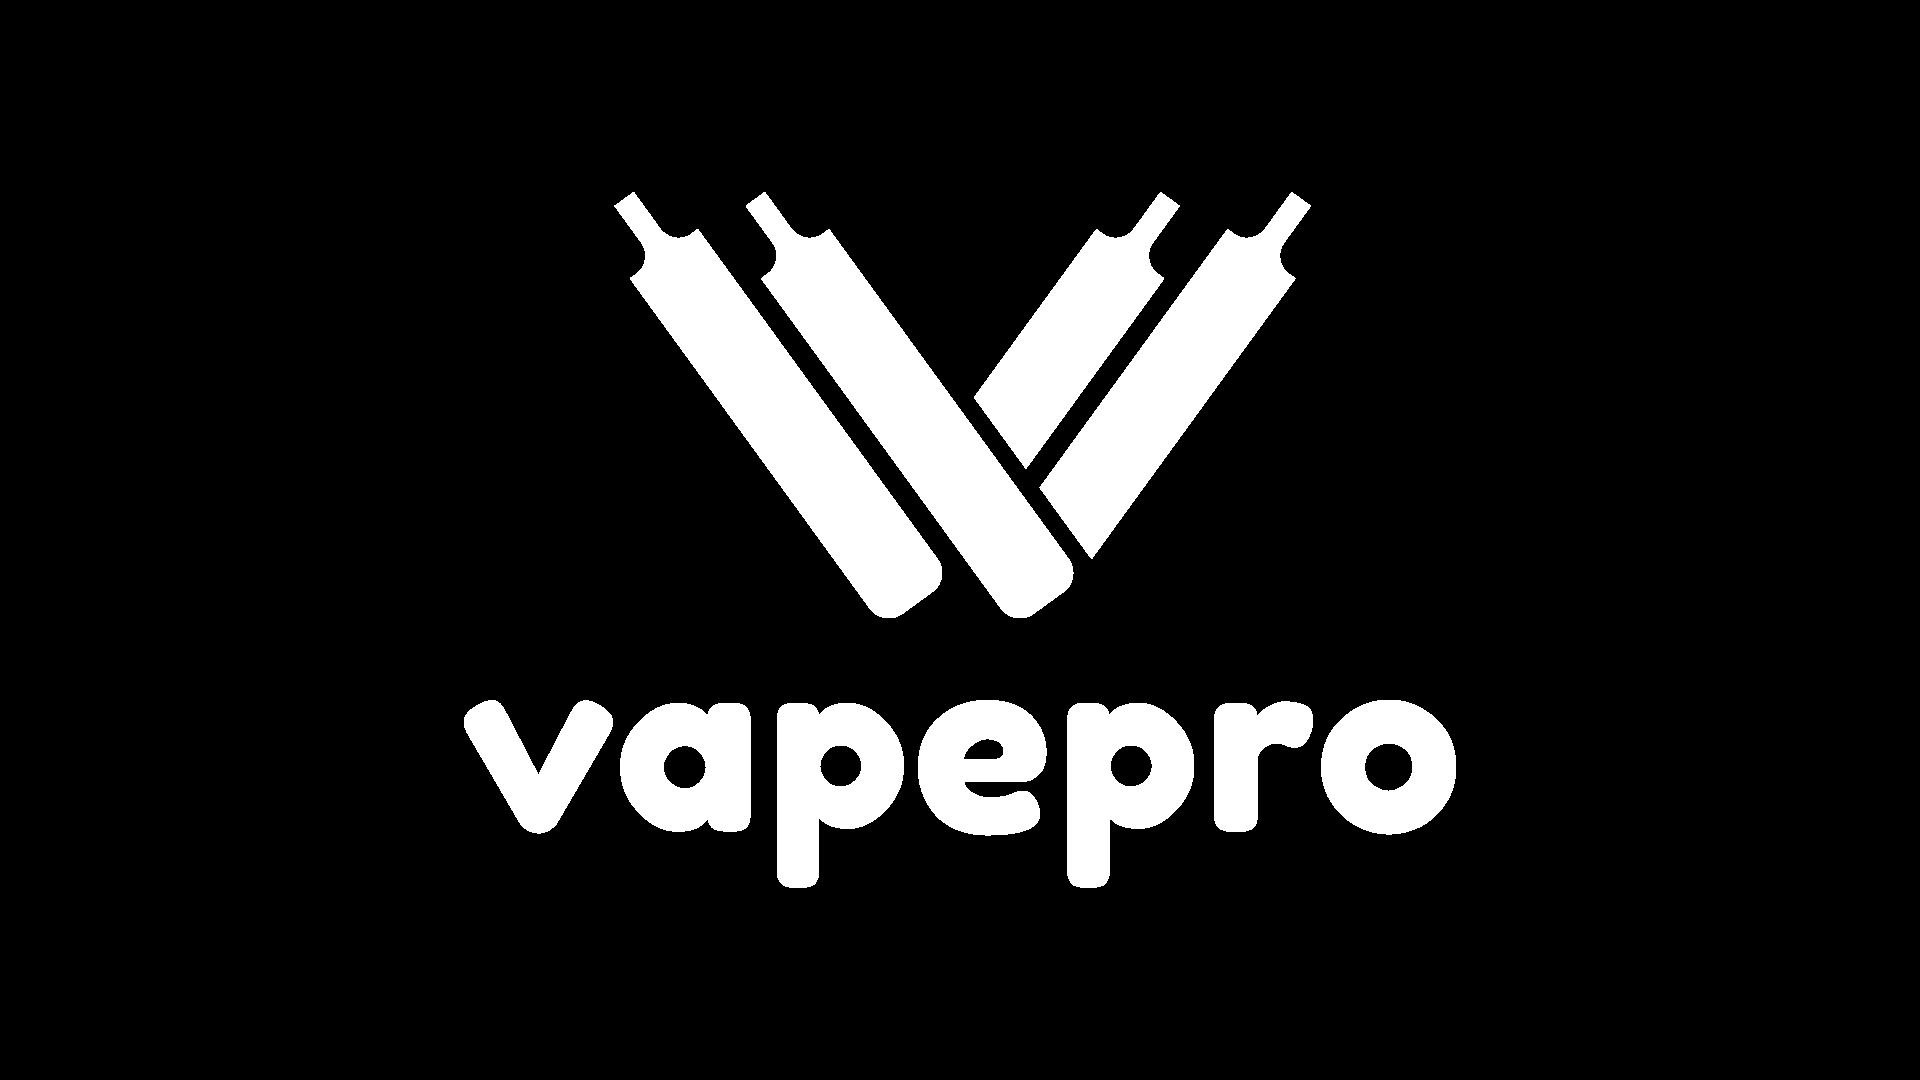 vapepro - лого